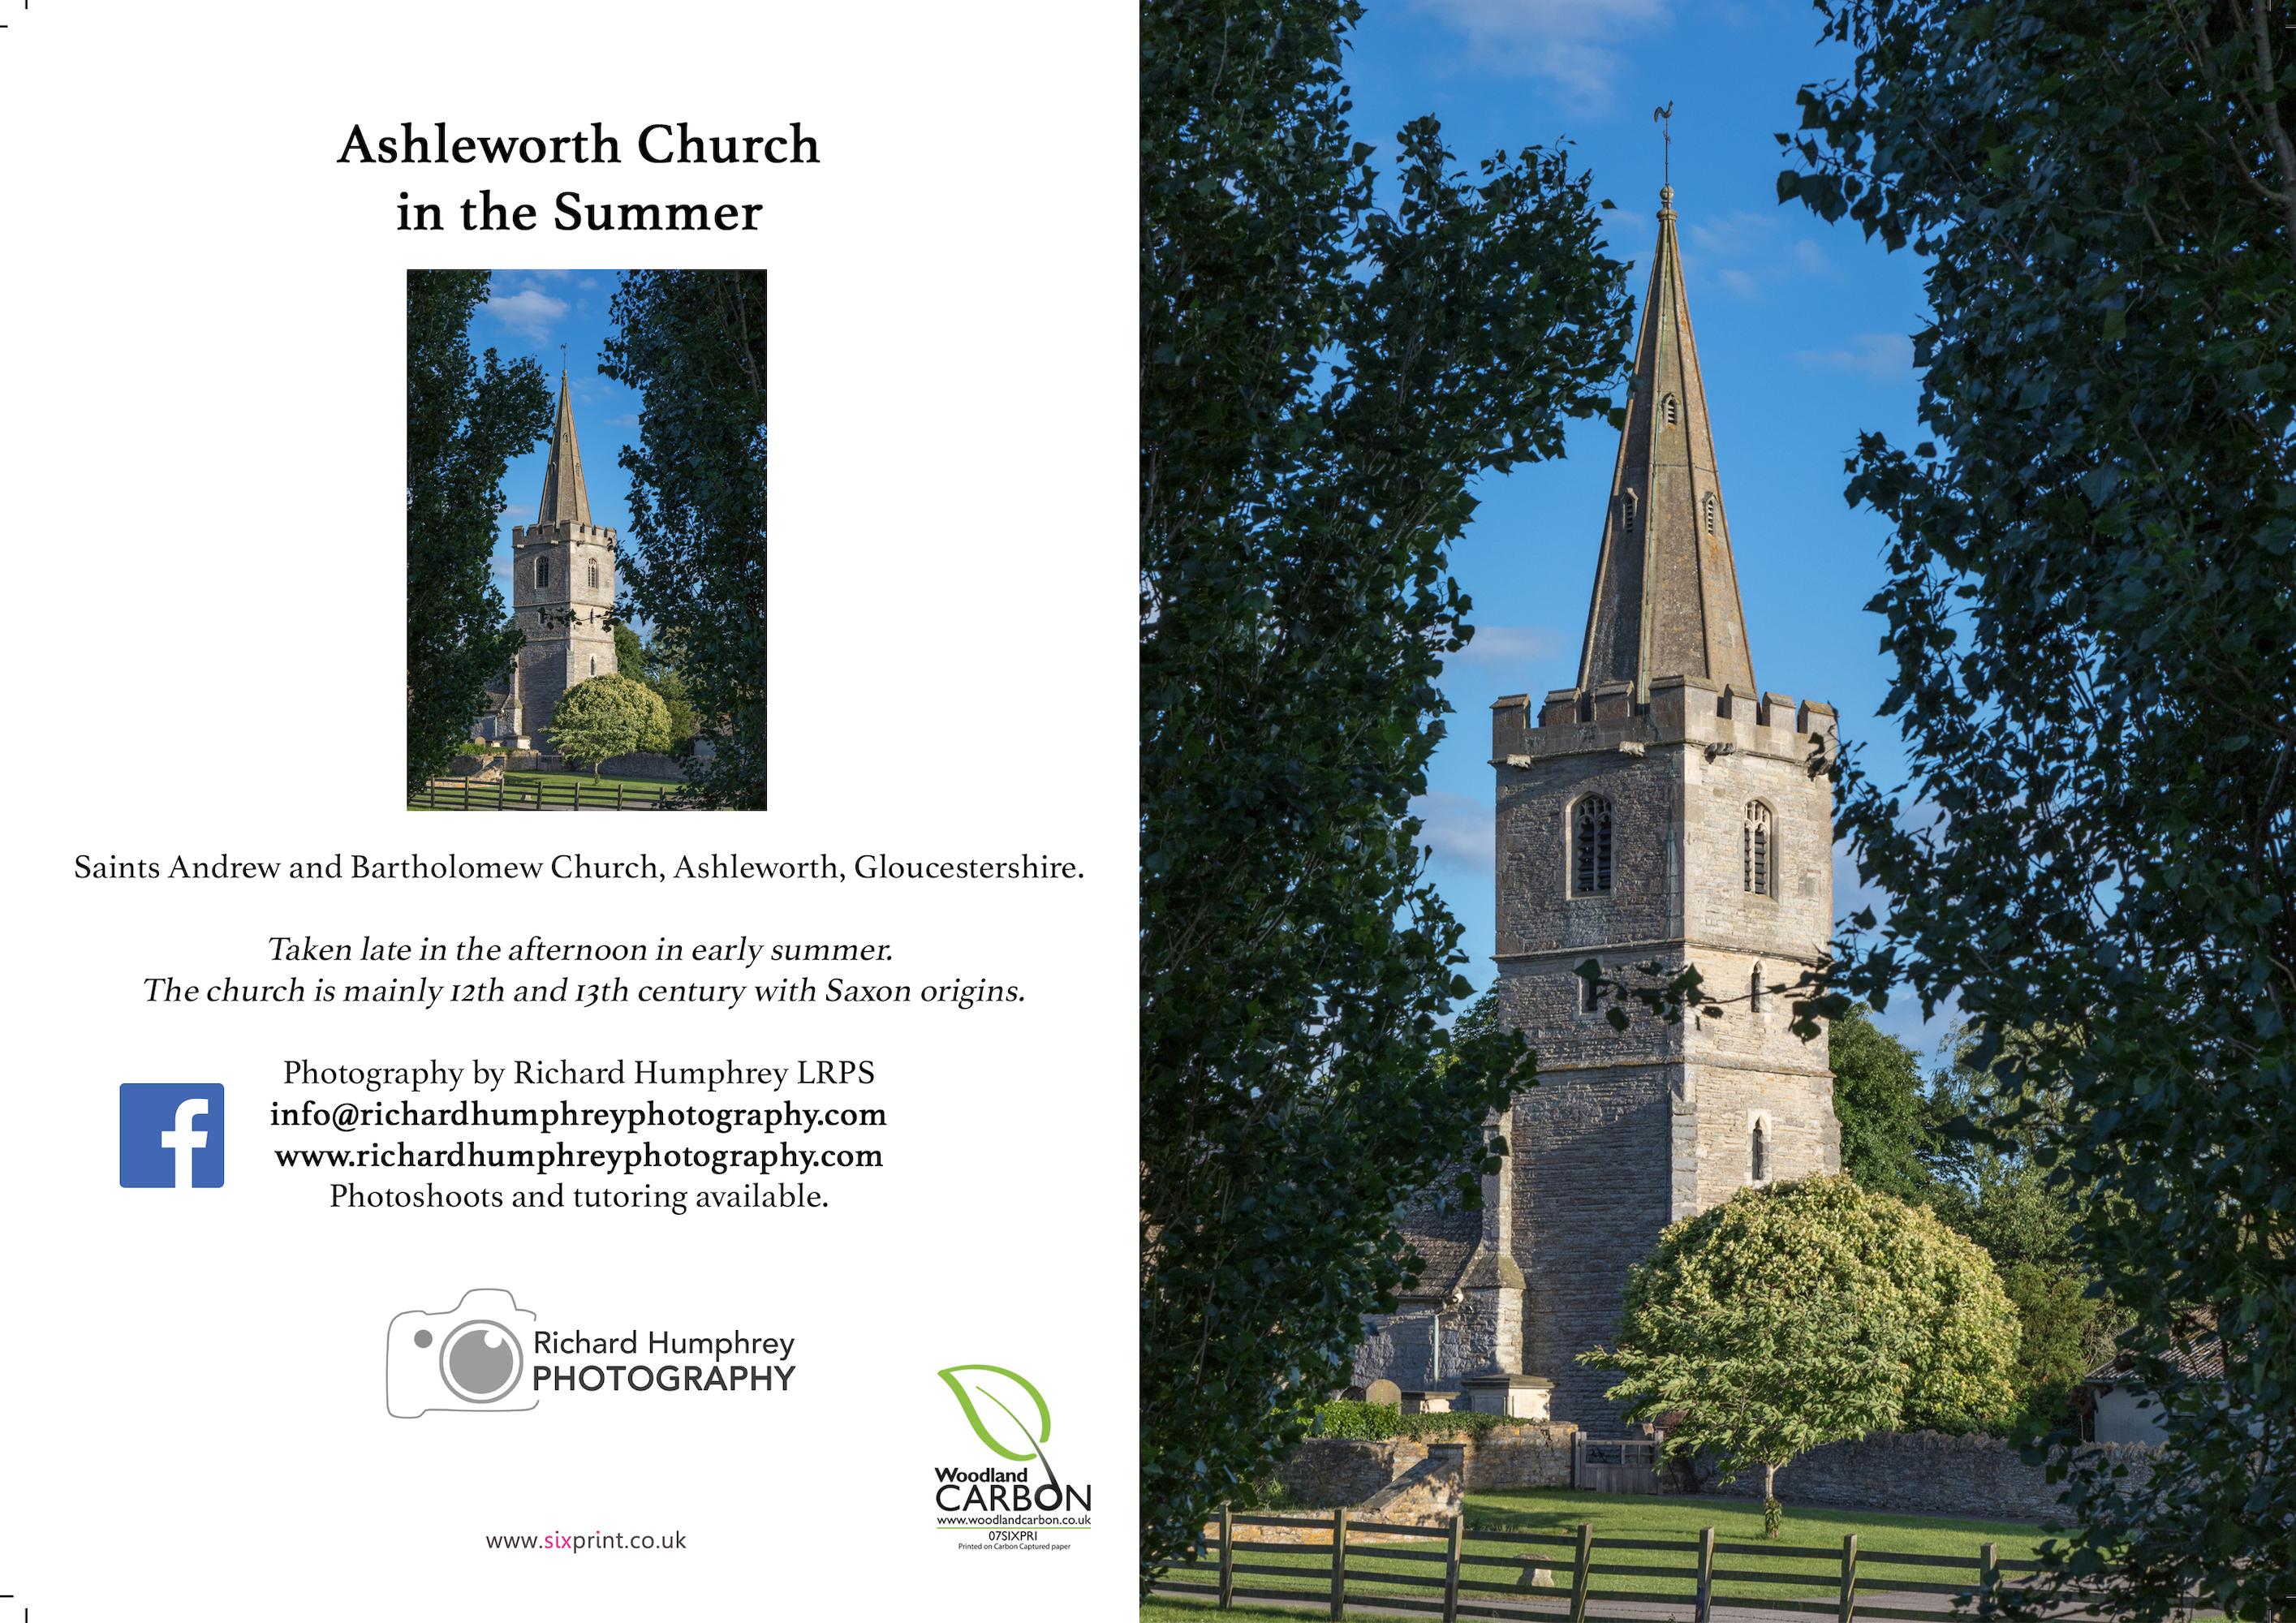 Ashleworth Church in Summer